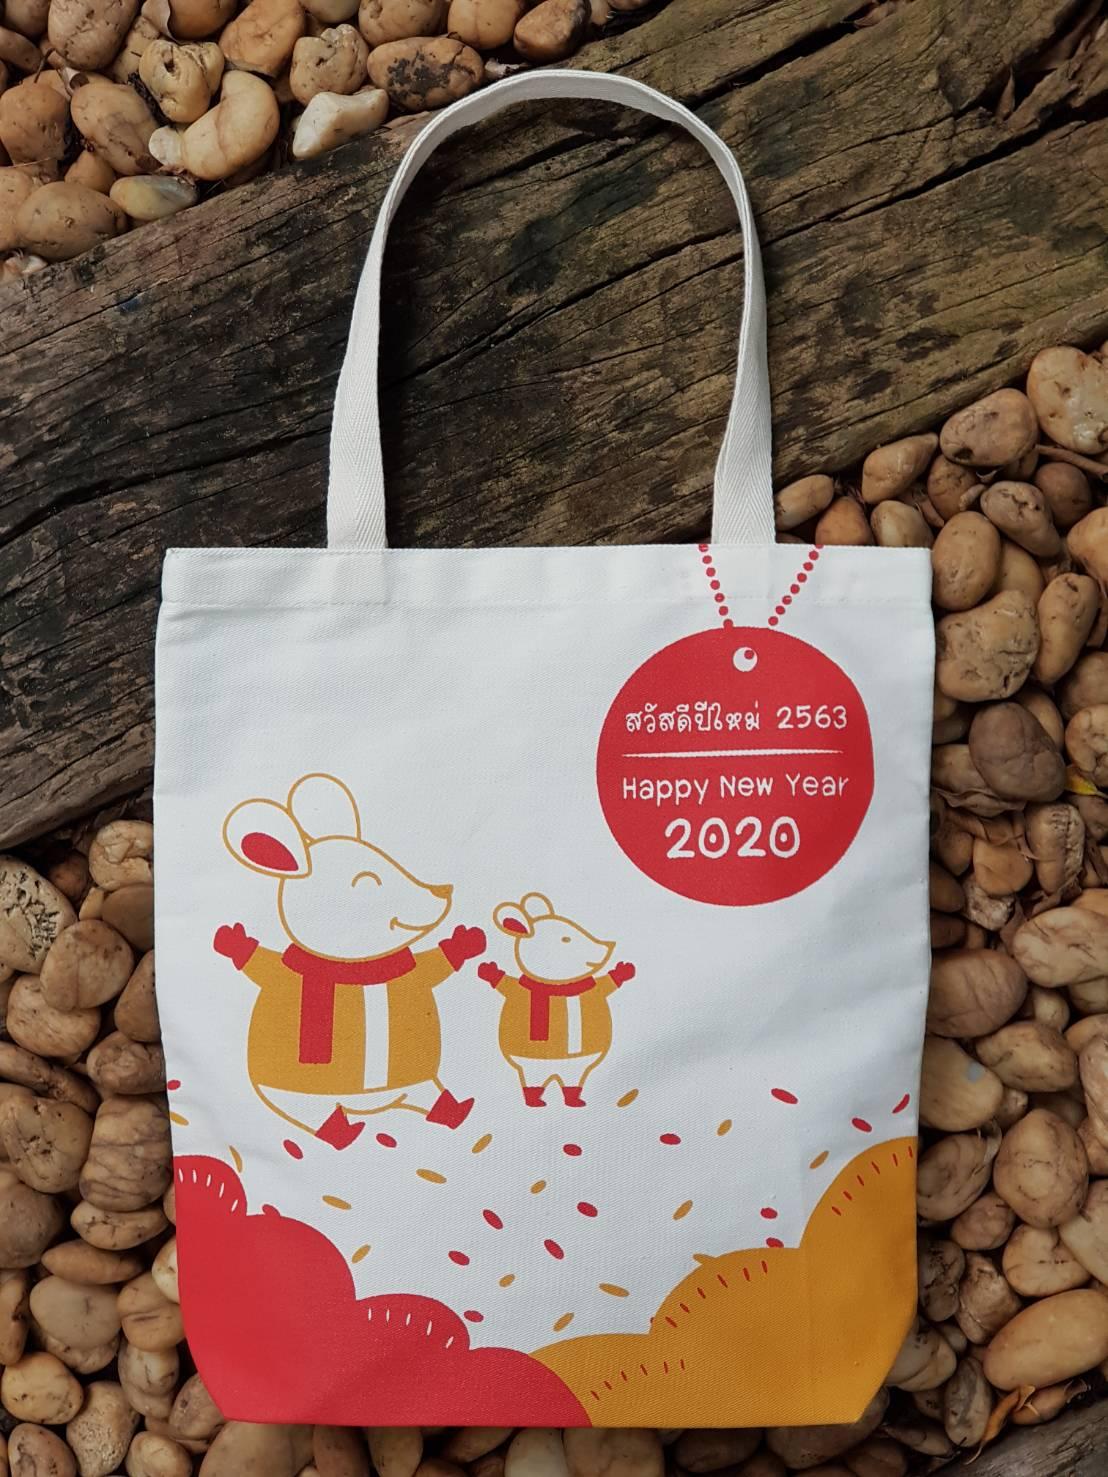 ถุงผ้าดิบ, กระเป๋าผ้าดิบ, ถุงผ้า, ลดโลกร้อน, สกรีนลาย, ปีใหม่, งานปีใหม่, สวัสดีปีใหม่ 2020, Happy New Year 2020, ปีหนู, งานออกแบบ, ดีไซน์, ของขวัญ, ของชำร่วย, ราชการ, เอกชน, หน่วยงาน, สำเร็จรูป, ขายส่ง, ลายน่ารัก, จาก baginlove.com